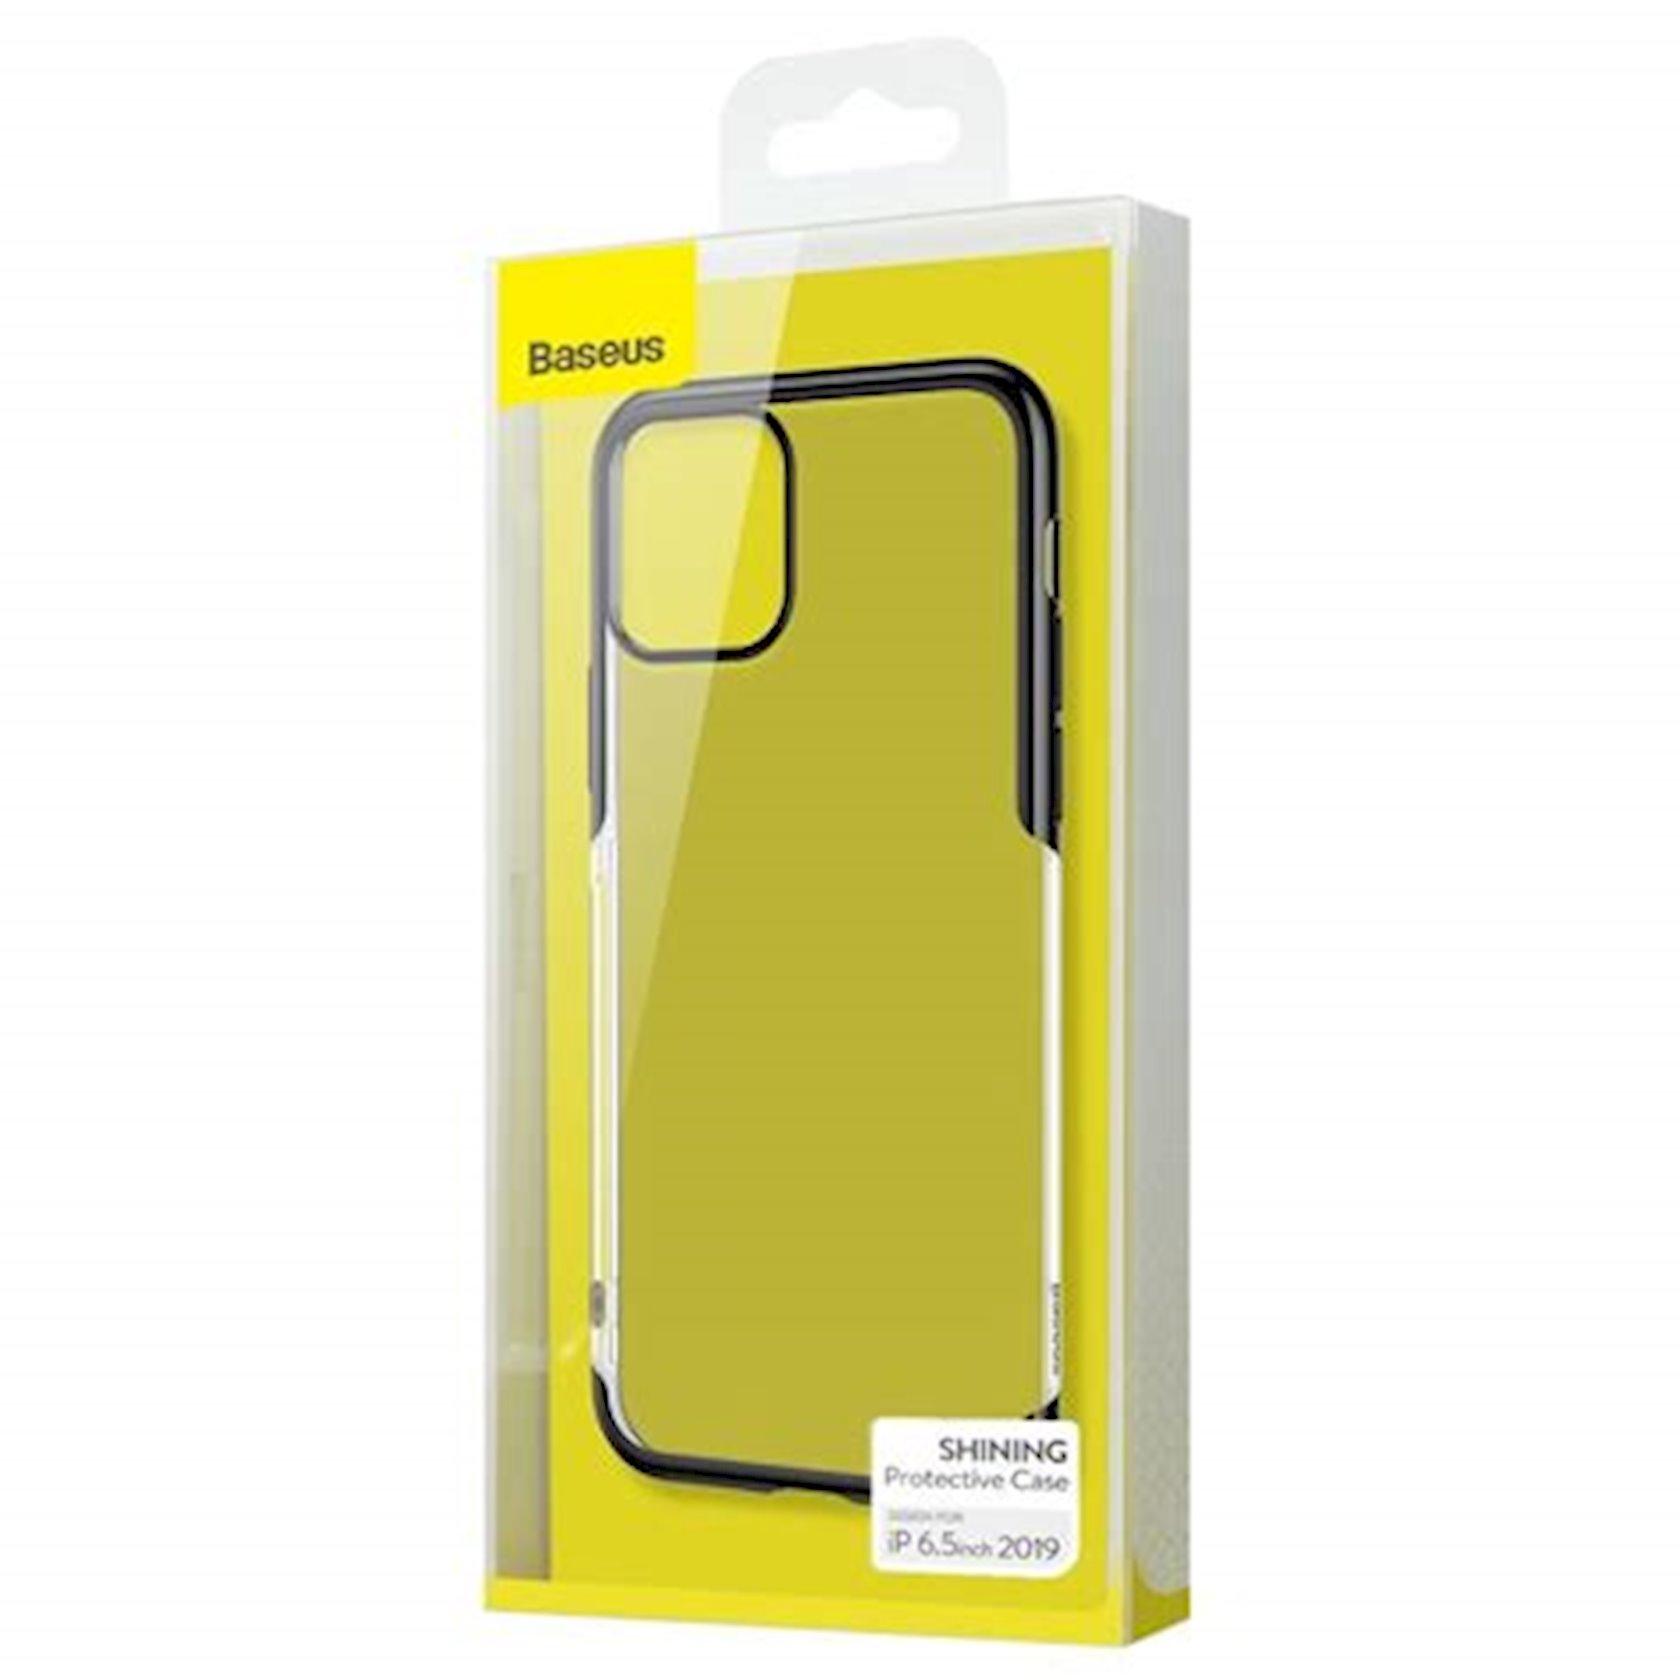 Çexol Baseus ARAPIPH65S-MD01 Shining Case  iPhone 11 Pro Max üçün, qara